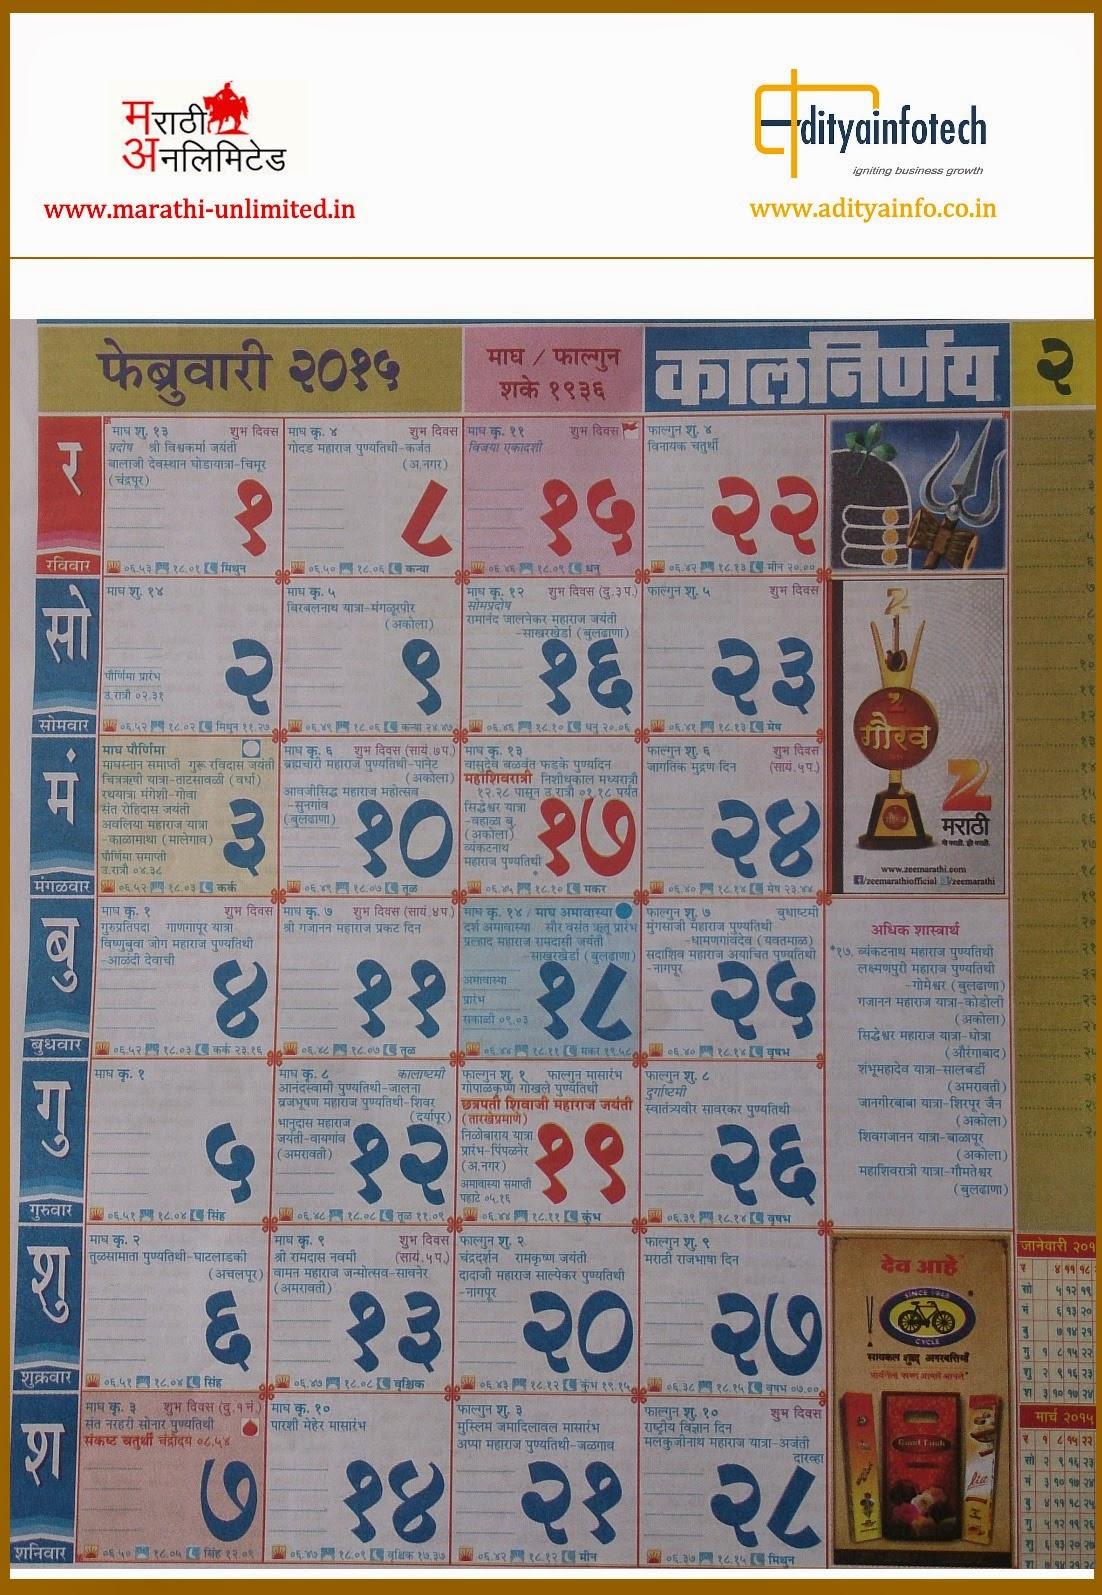 Forex trading in marathi language